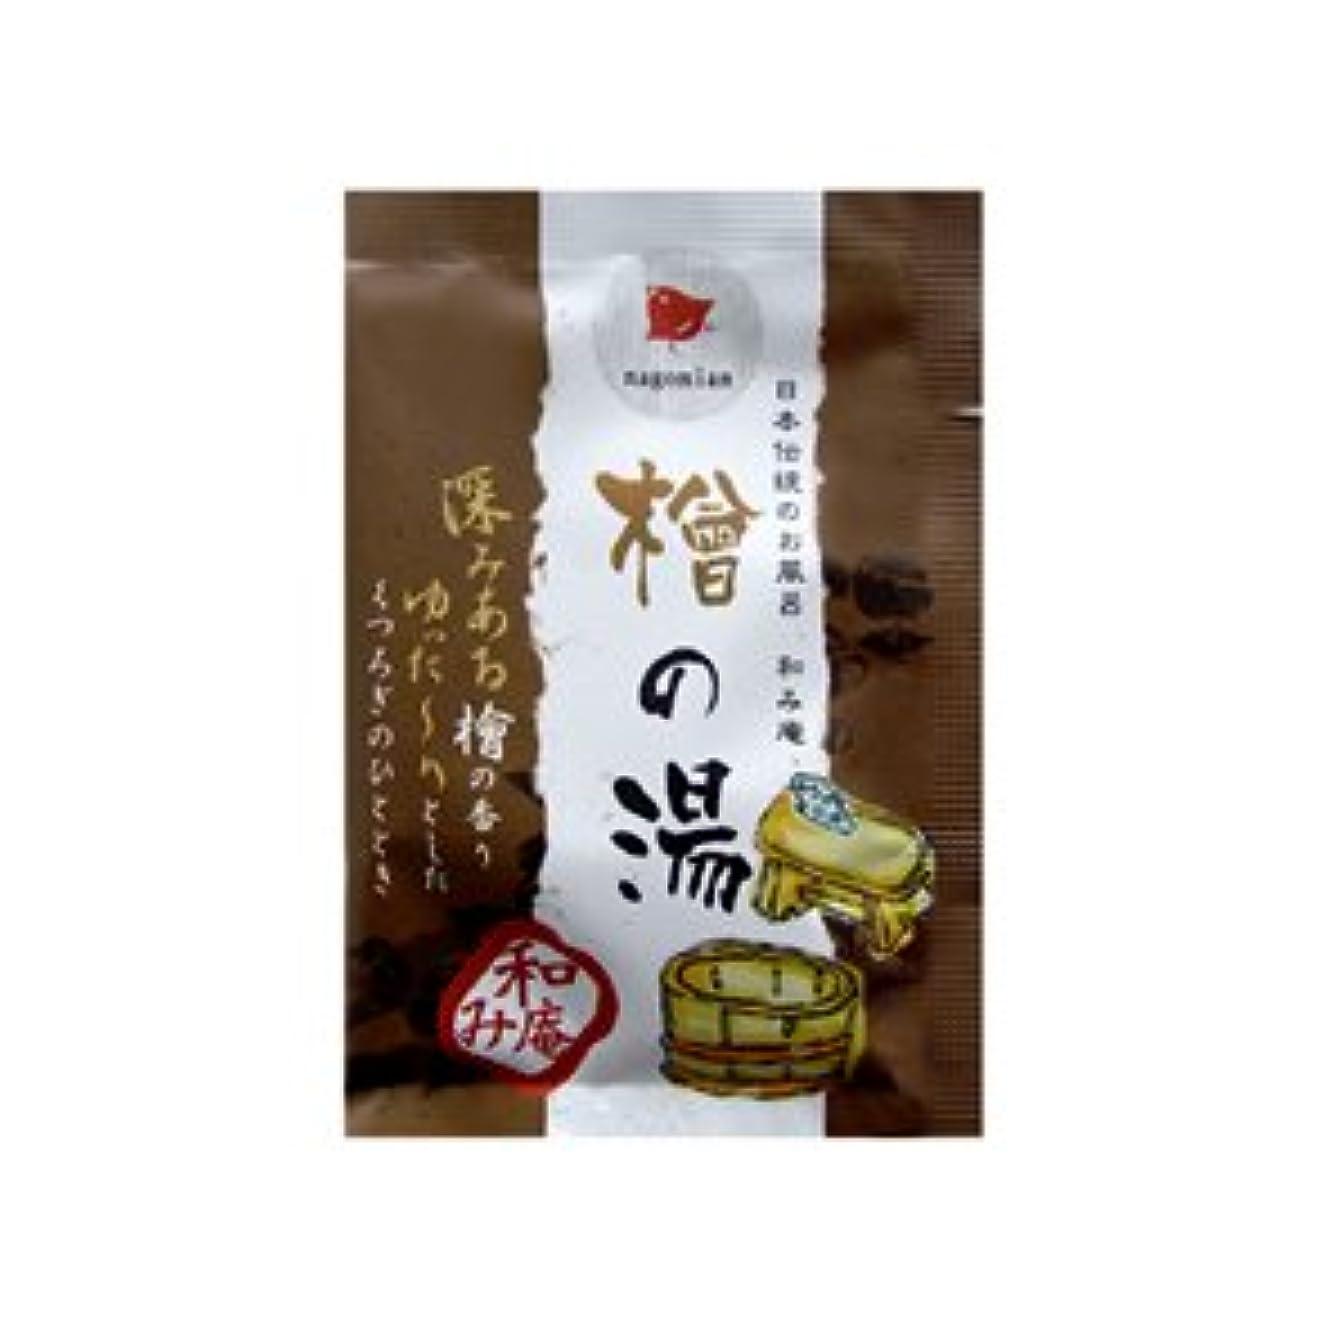 懐疑論極めて午後日本伝統のお風呂 和み庵 檜の湯 25g 5個セット